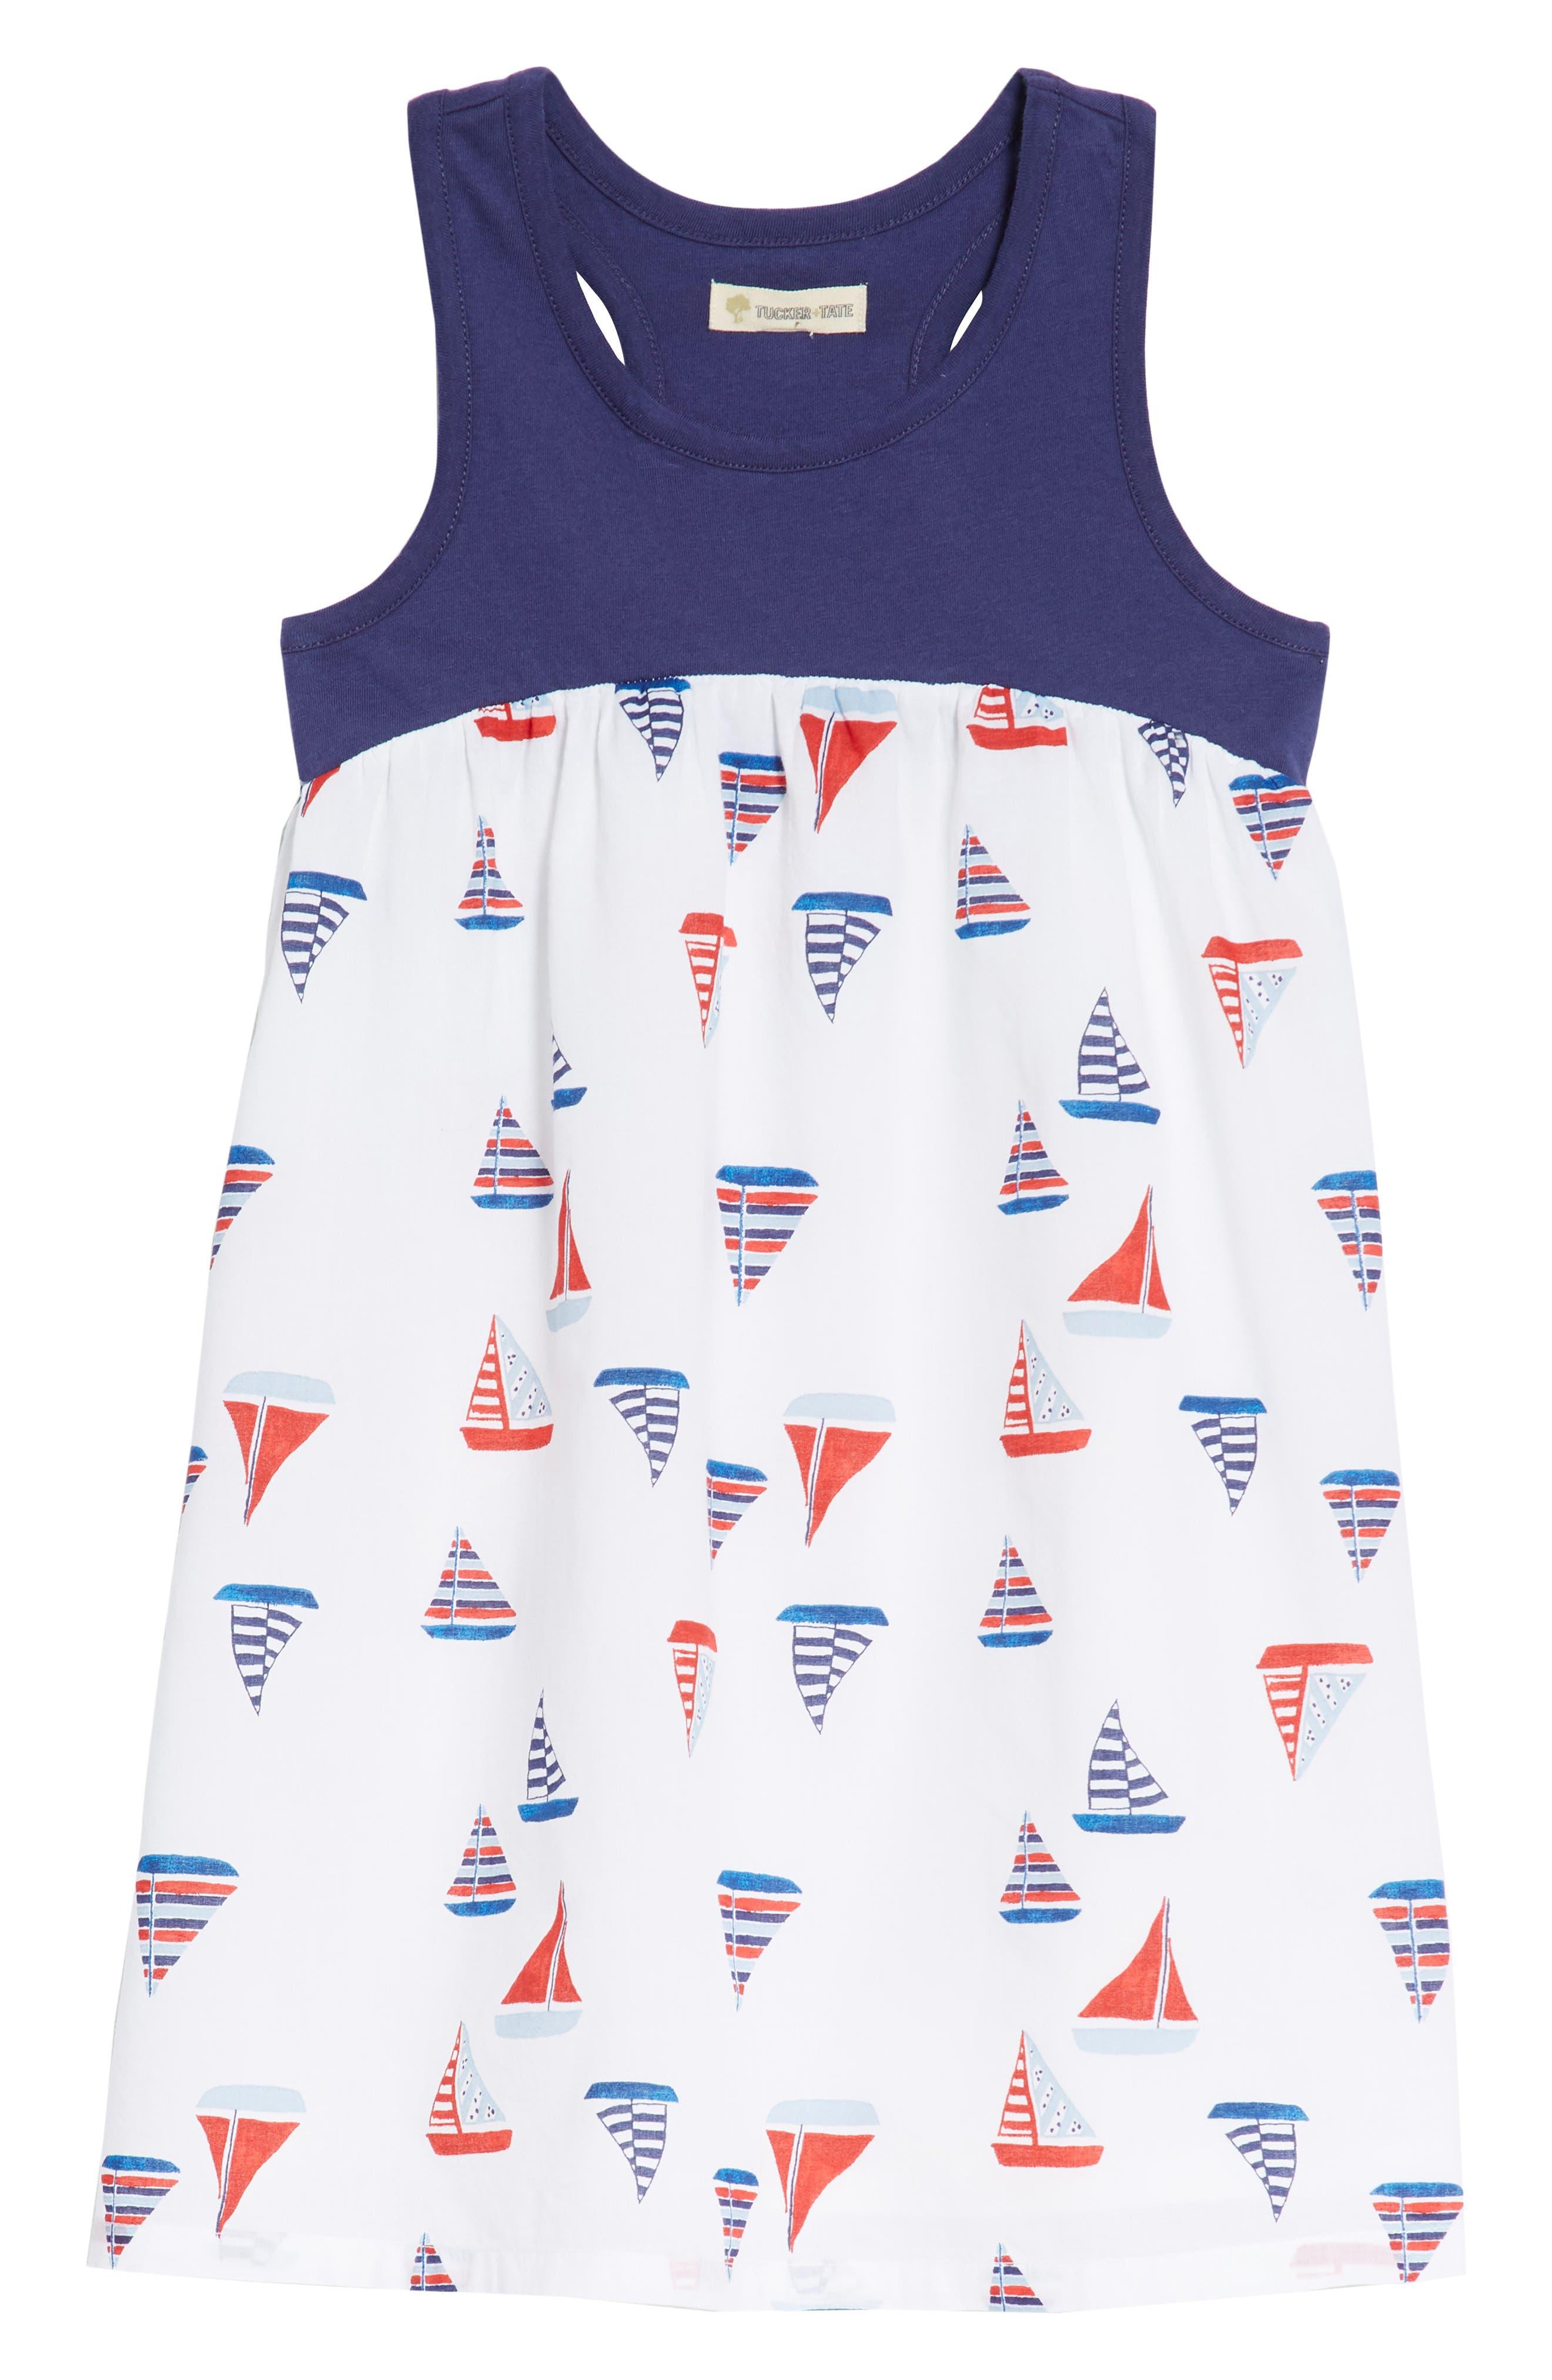 Racerback Tank Dress,                             Main thumbnail 1, color,                             White Multi Sailboats